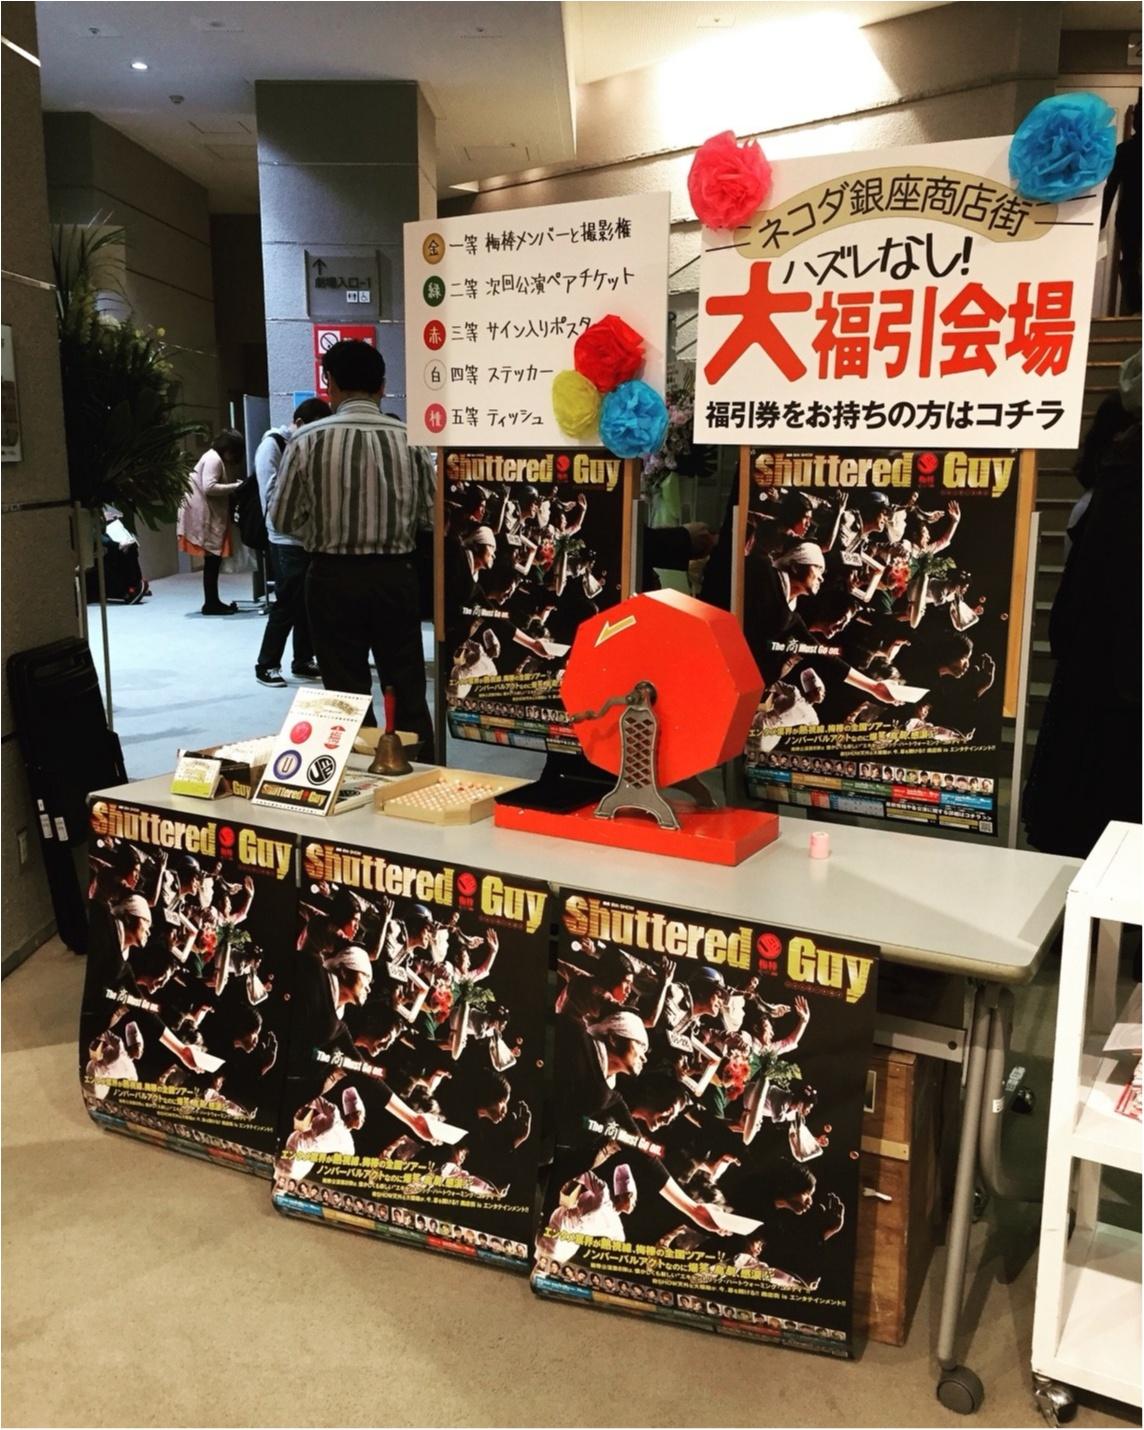 はじまりの春に心躍るエンタメ舞台【梅棒8th SHOW『Shuttered Guy』】4都市ツアー開幕!!_3